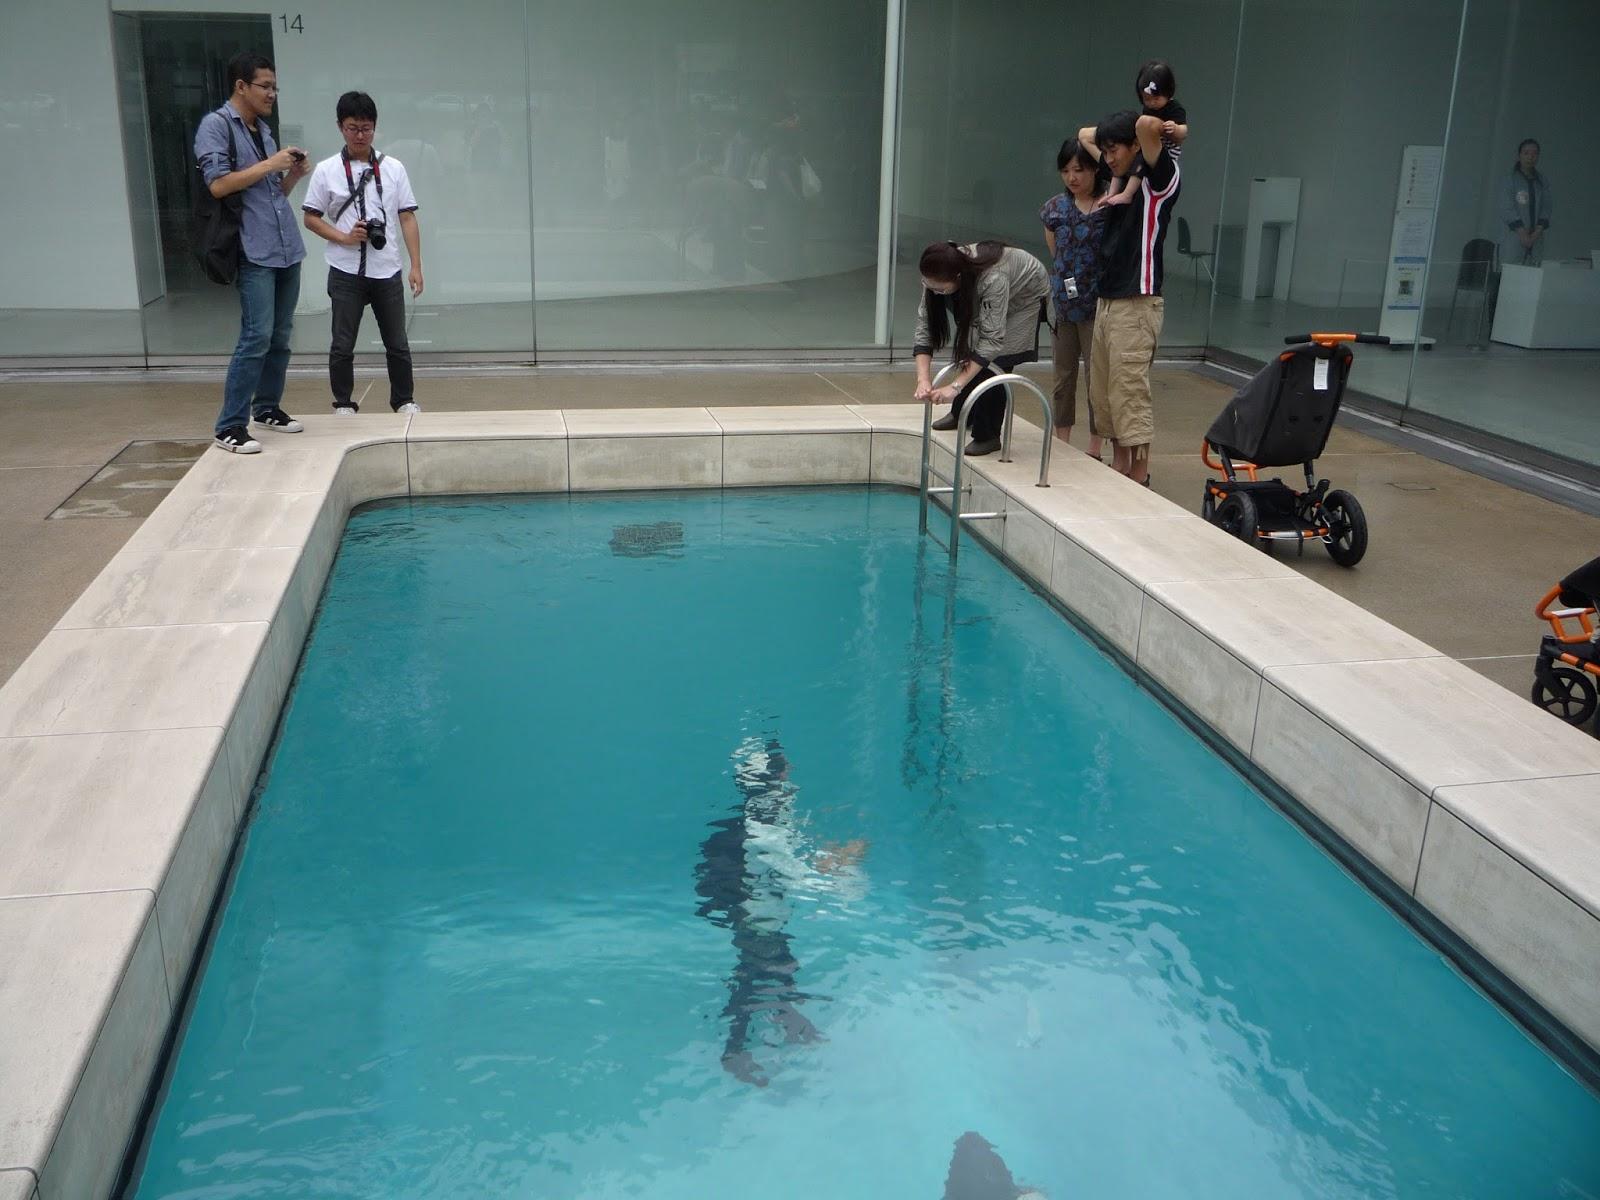 林公子生活遊記: 盡情享受藝術之美的「金澤21世紀美術館」有許多創意十足的藝術作品 錯覺藝術創作「Swimming ...